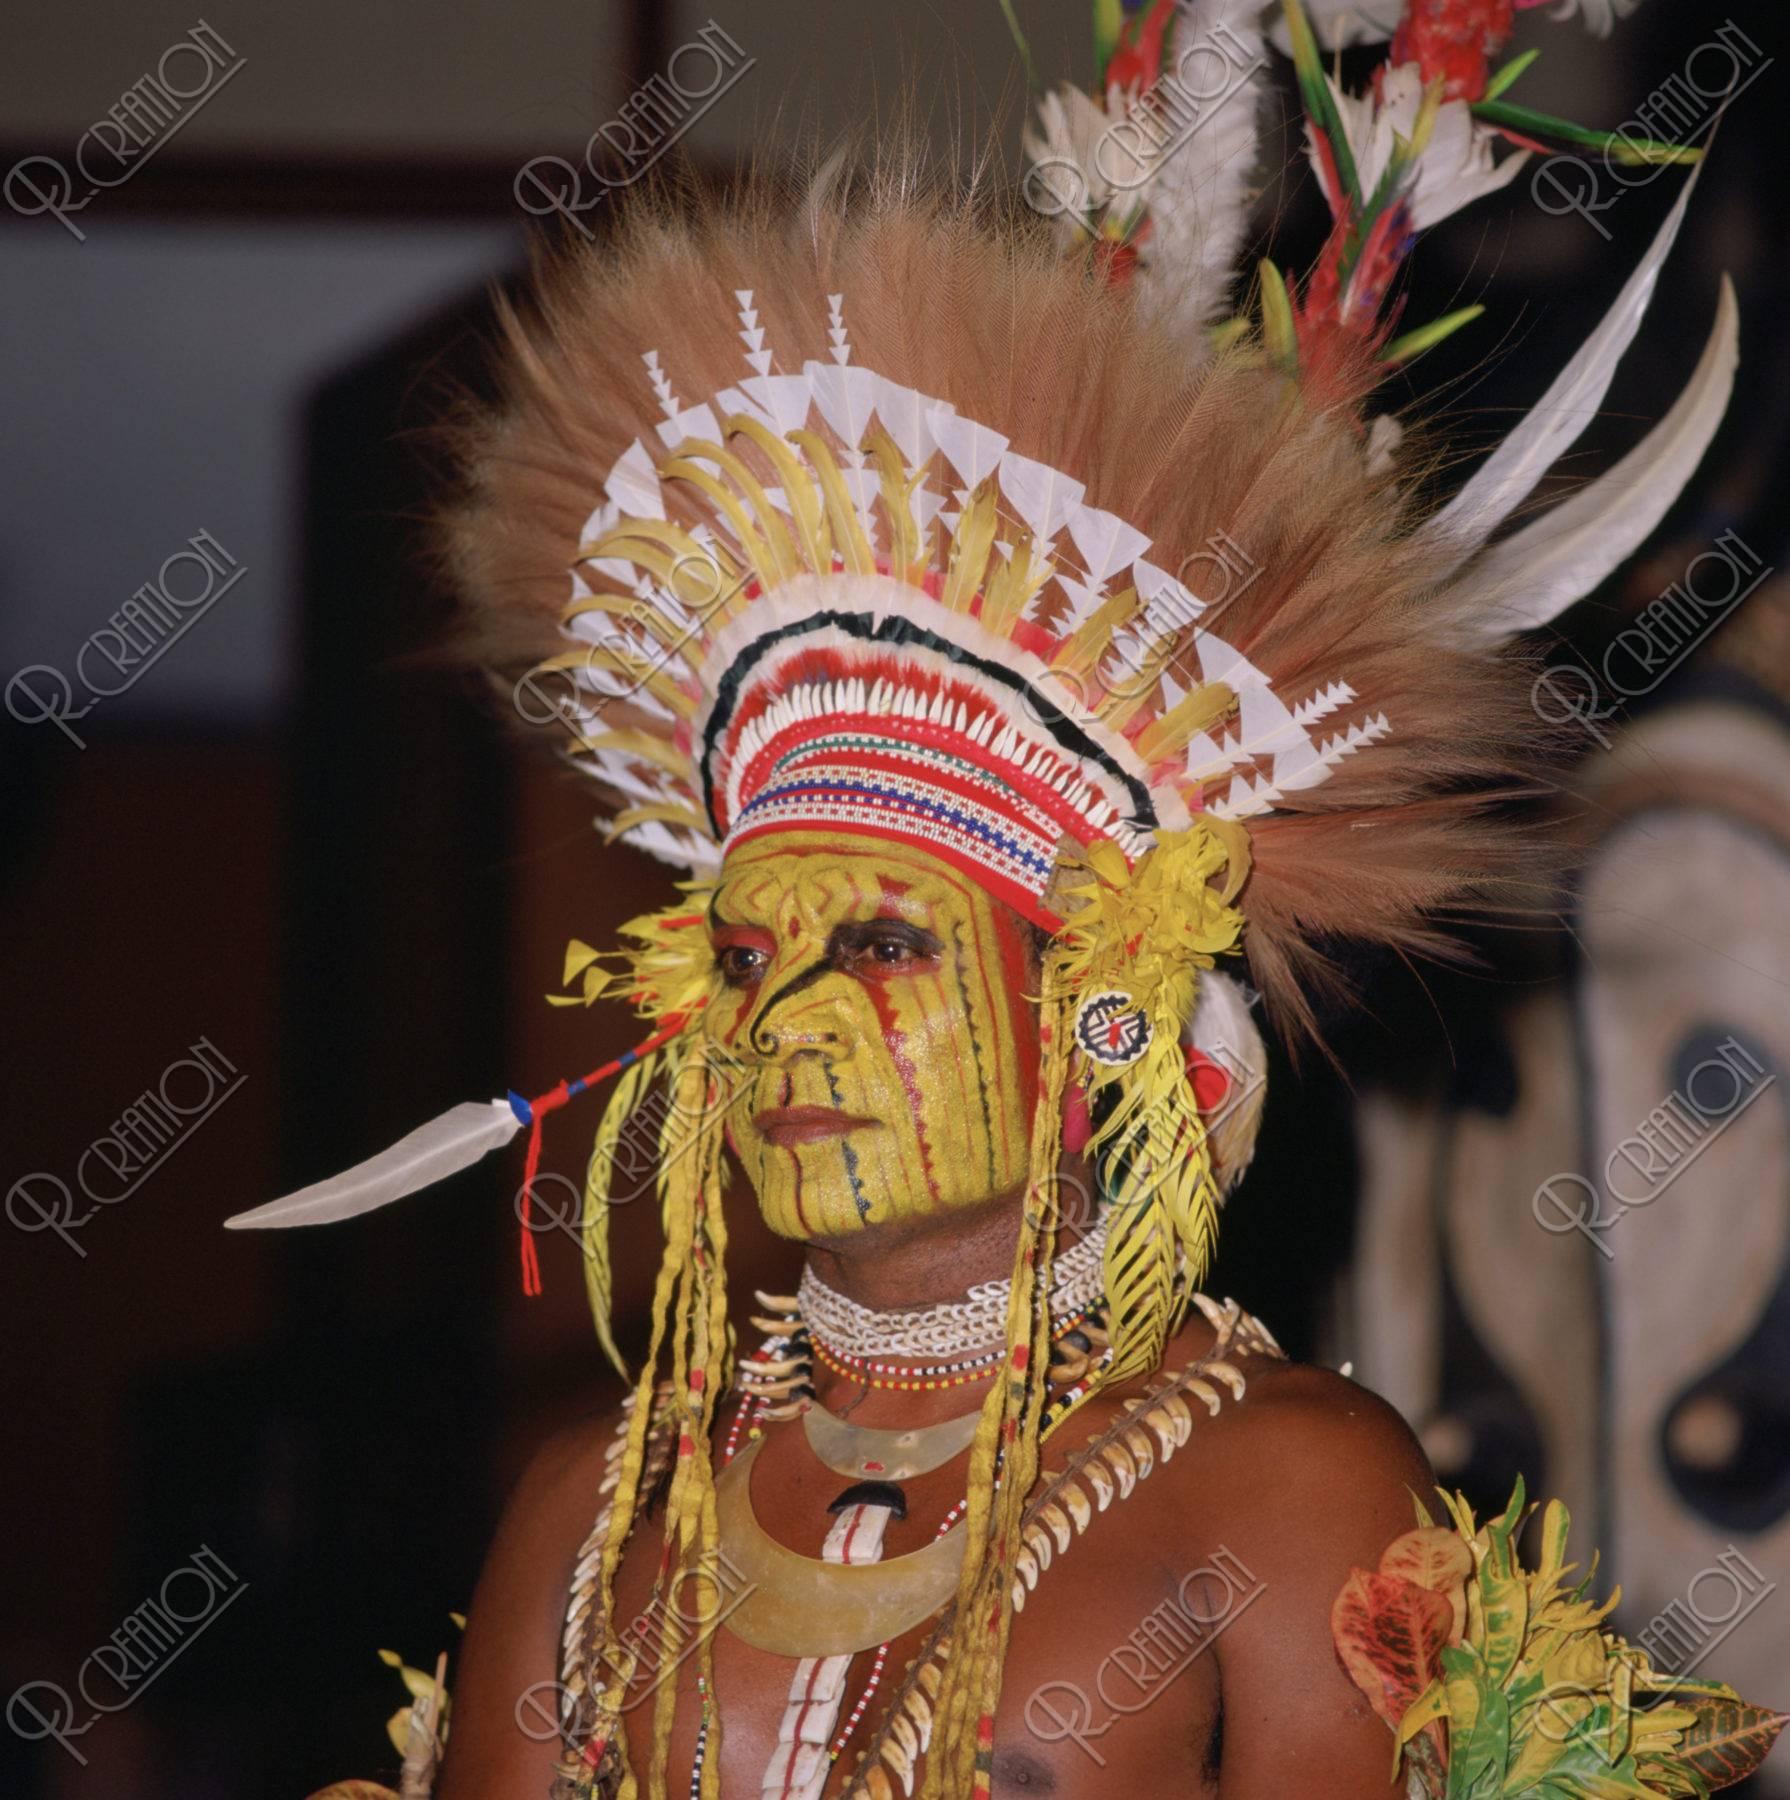 MEKEO族 パプアニューギニア